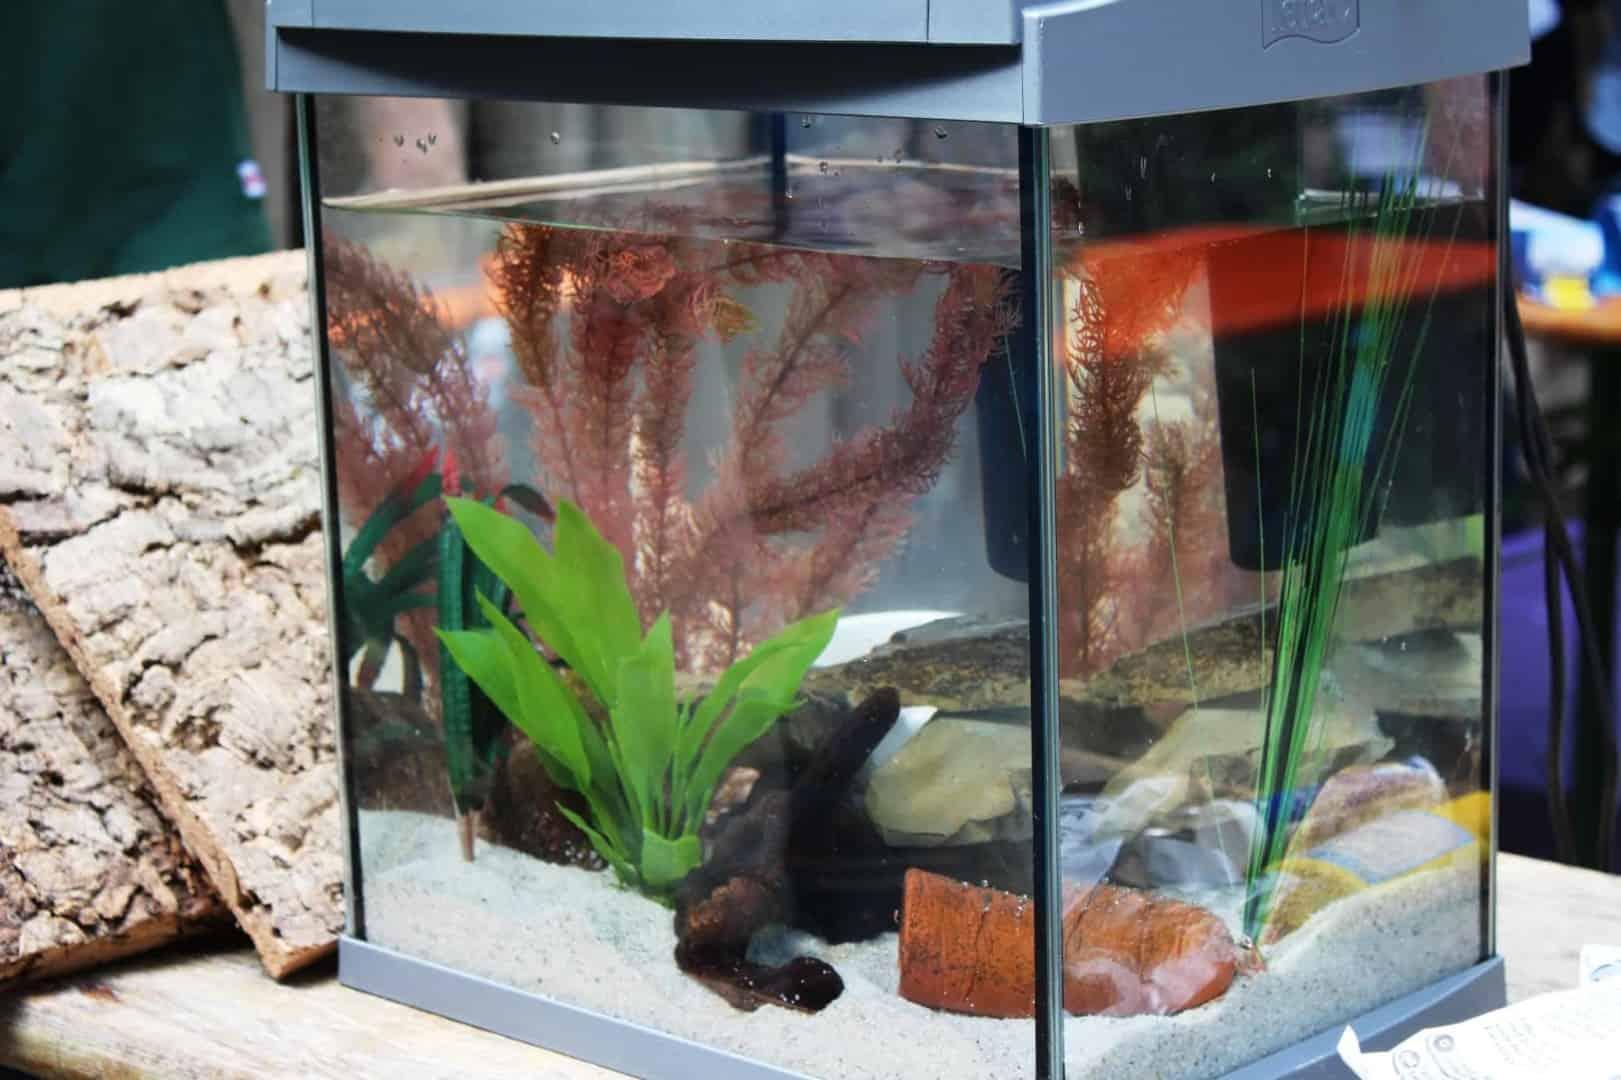 Schon gewusst? Langjährige Partnerschaft zwischen Tetra und Zoo Osnabrück 2